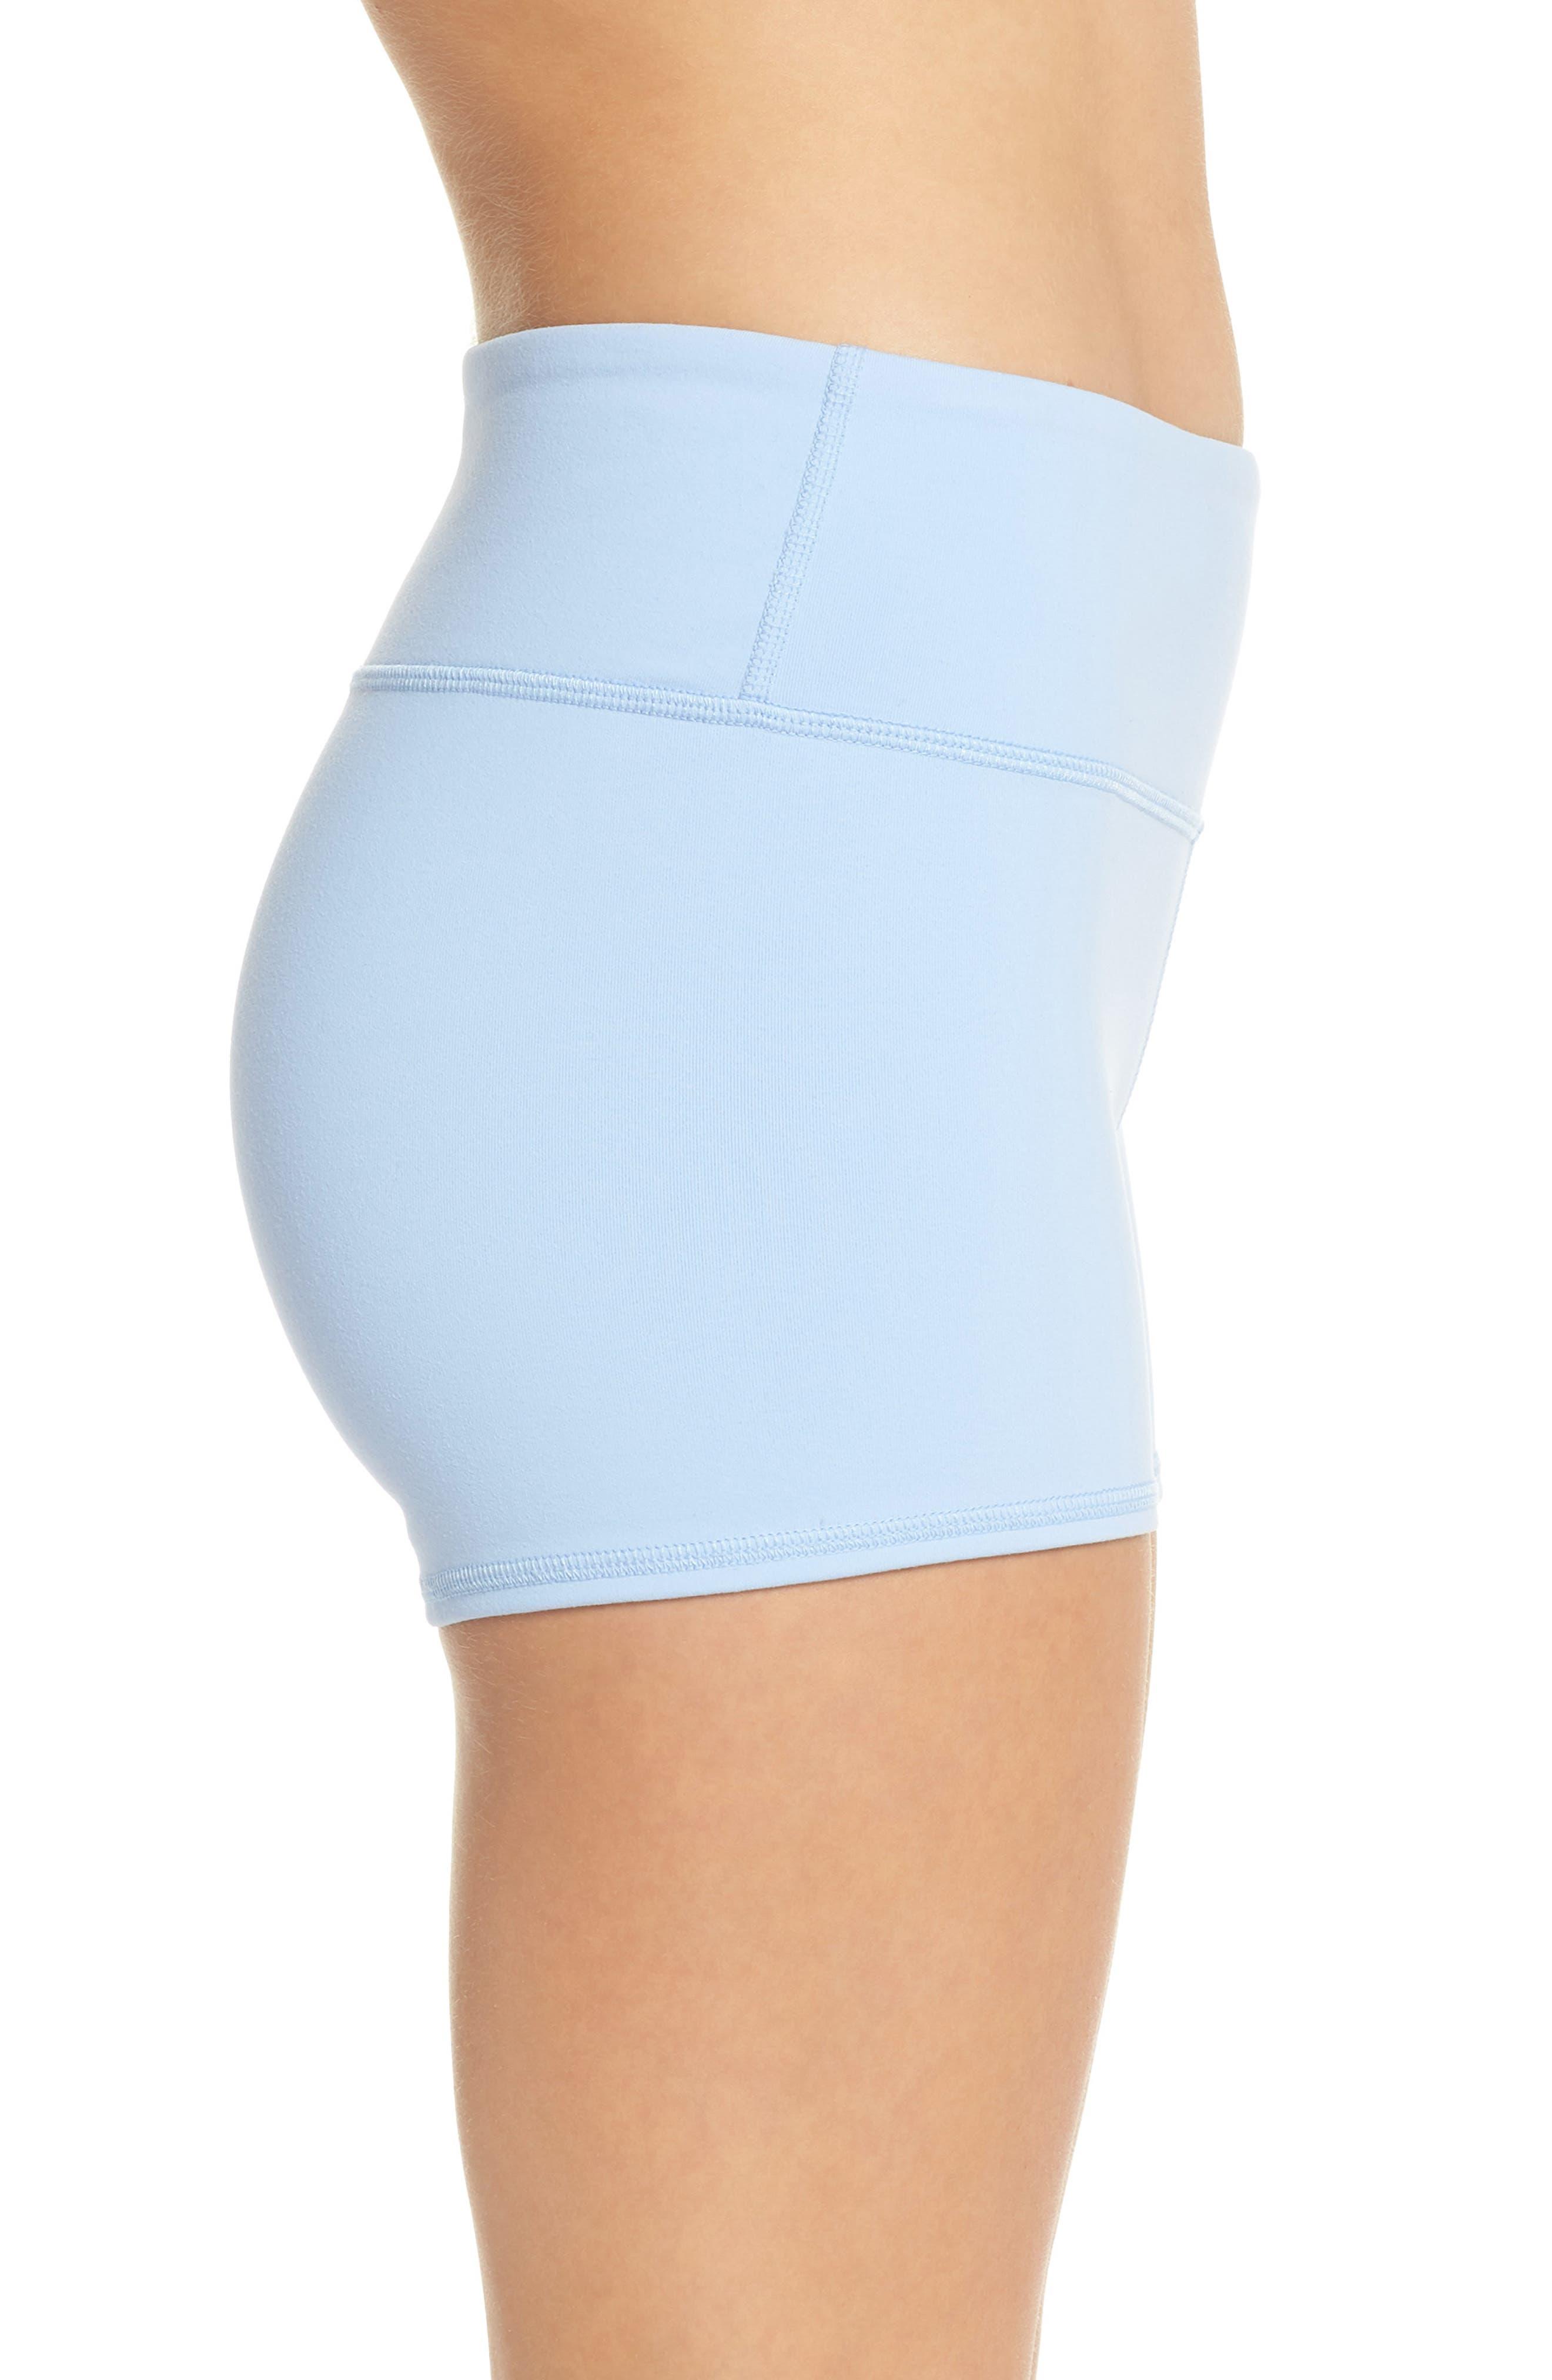 Airbrush Shorts,                             Alternate thumbnail 3, color,                             Blue